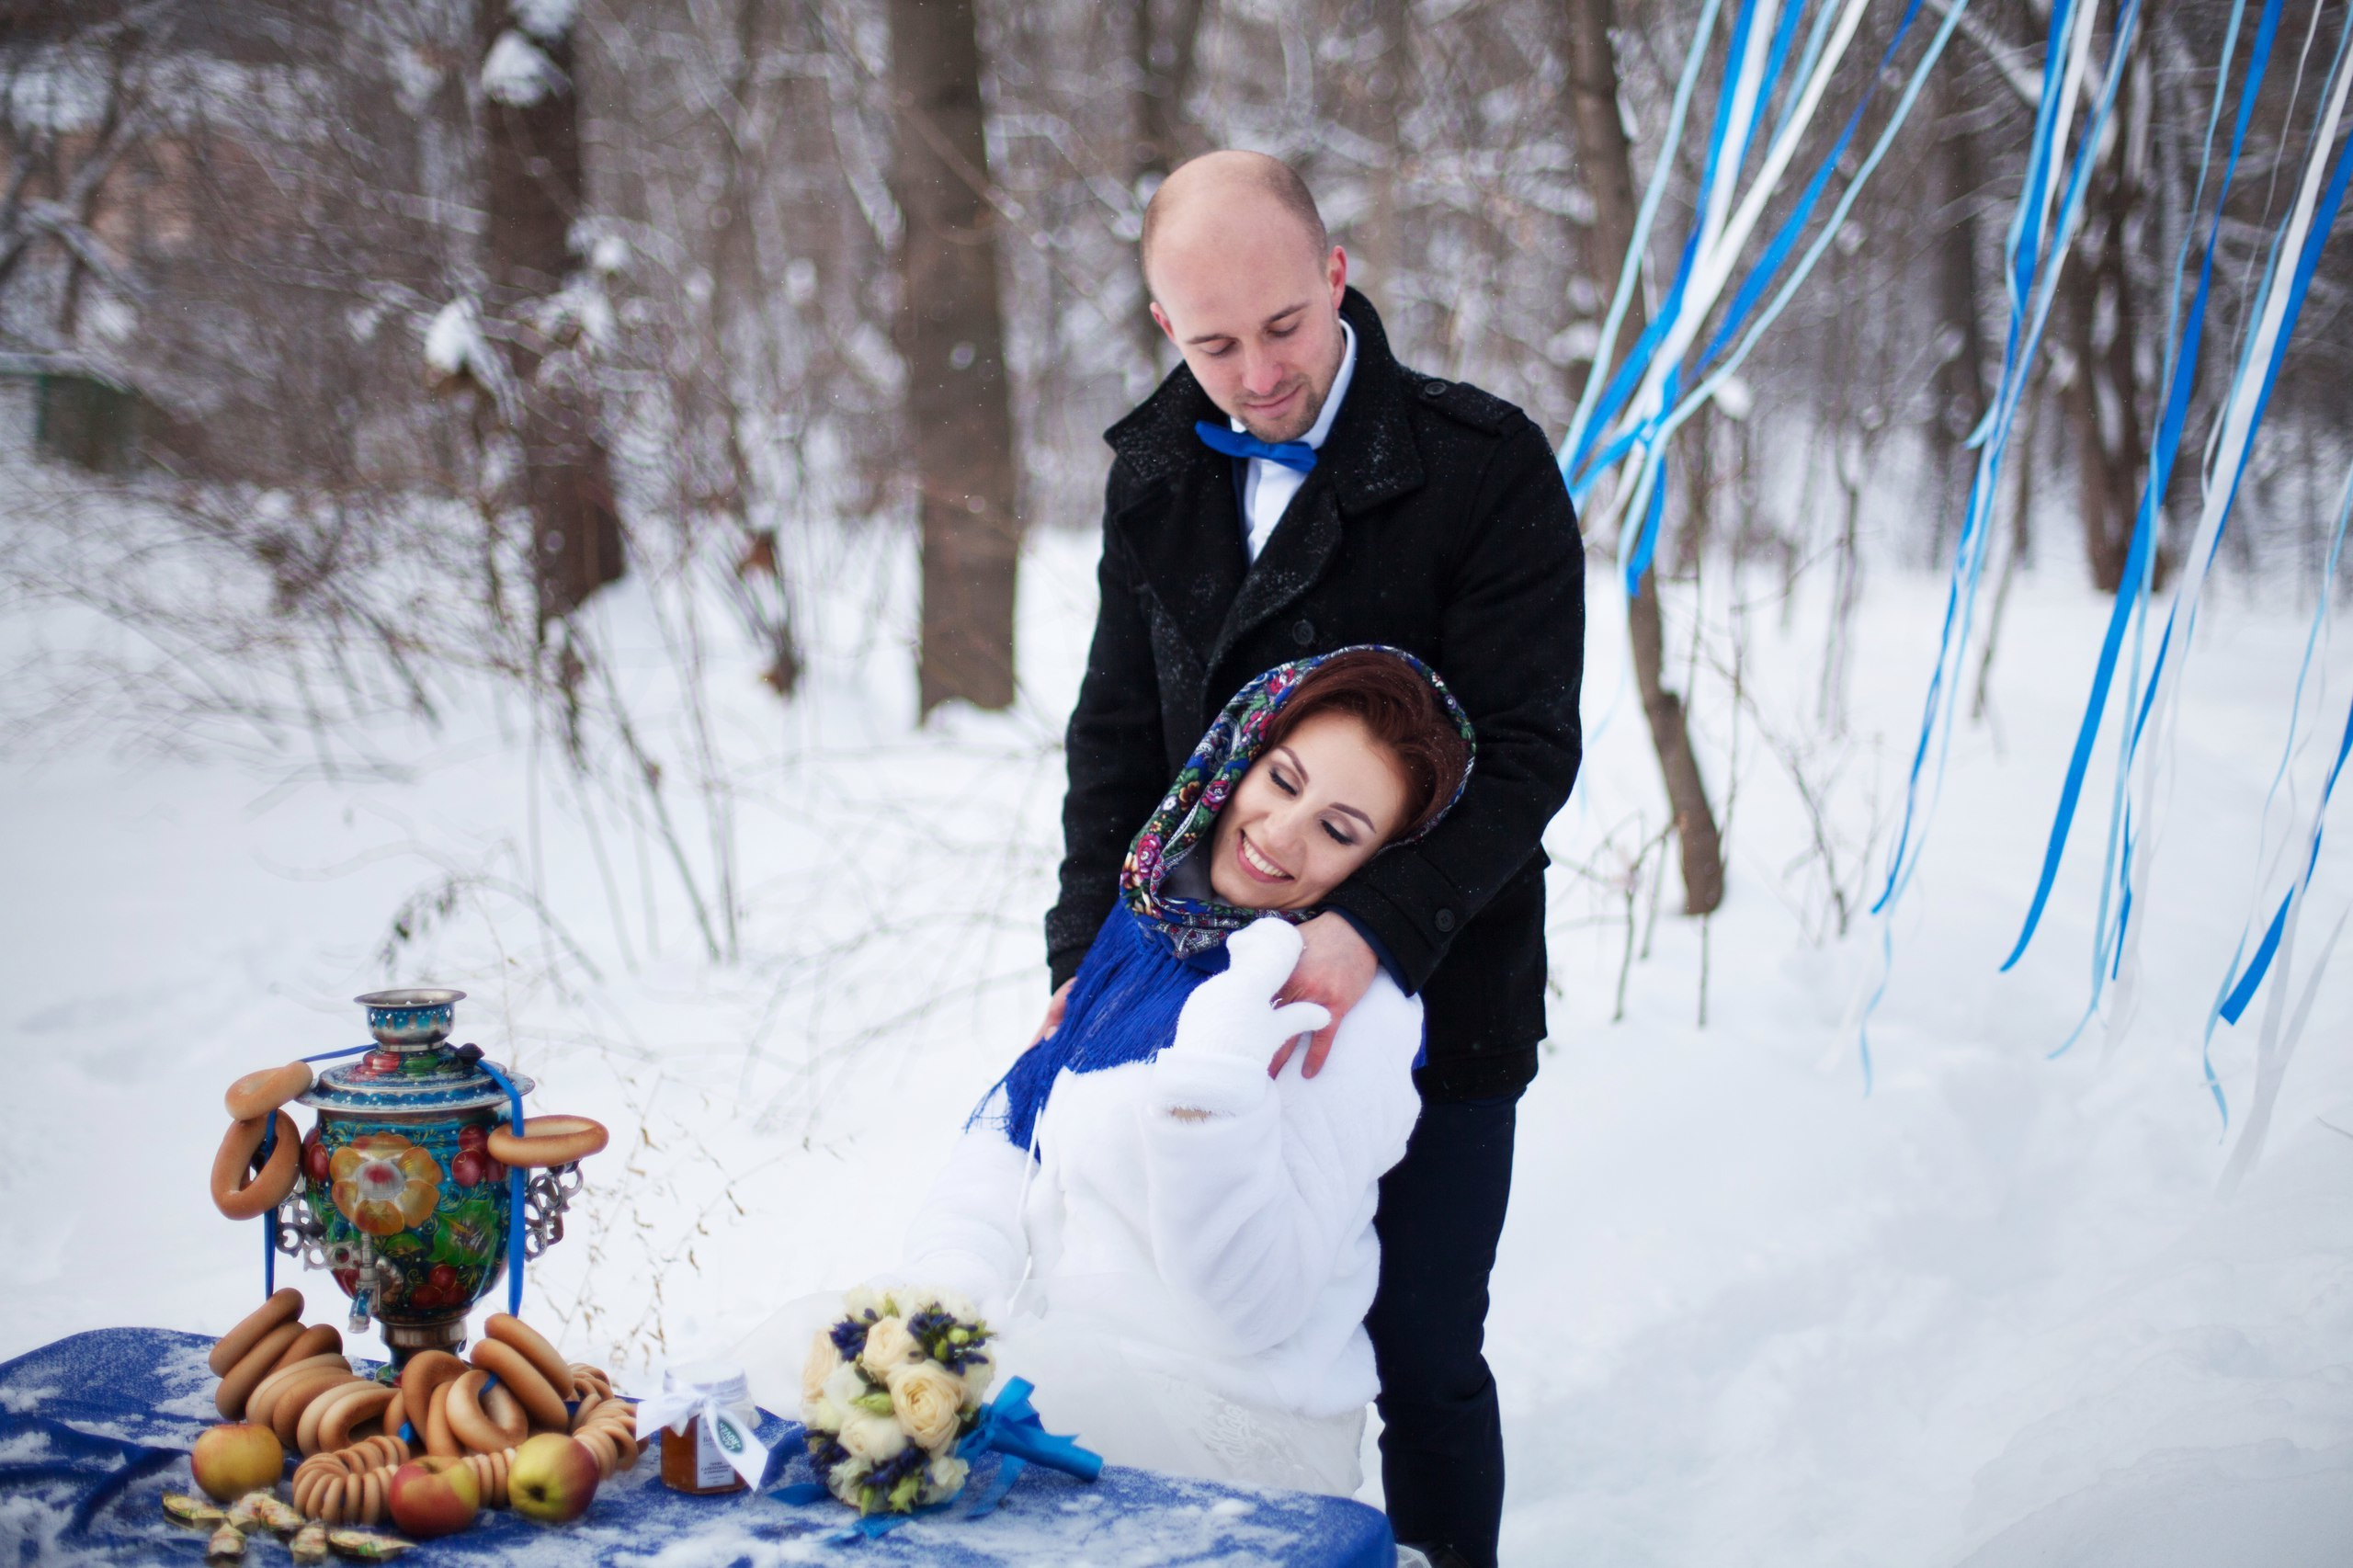 IZ 0foKObXg - Готовимся к свадьбе: праздник своими руками